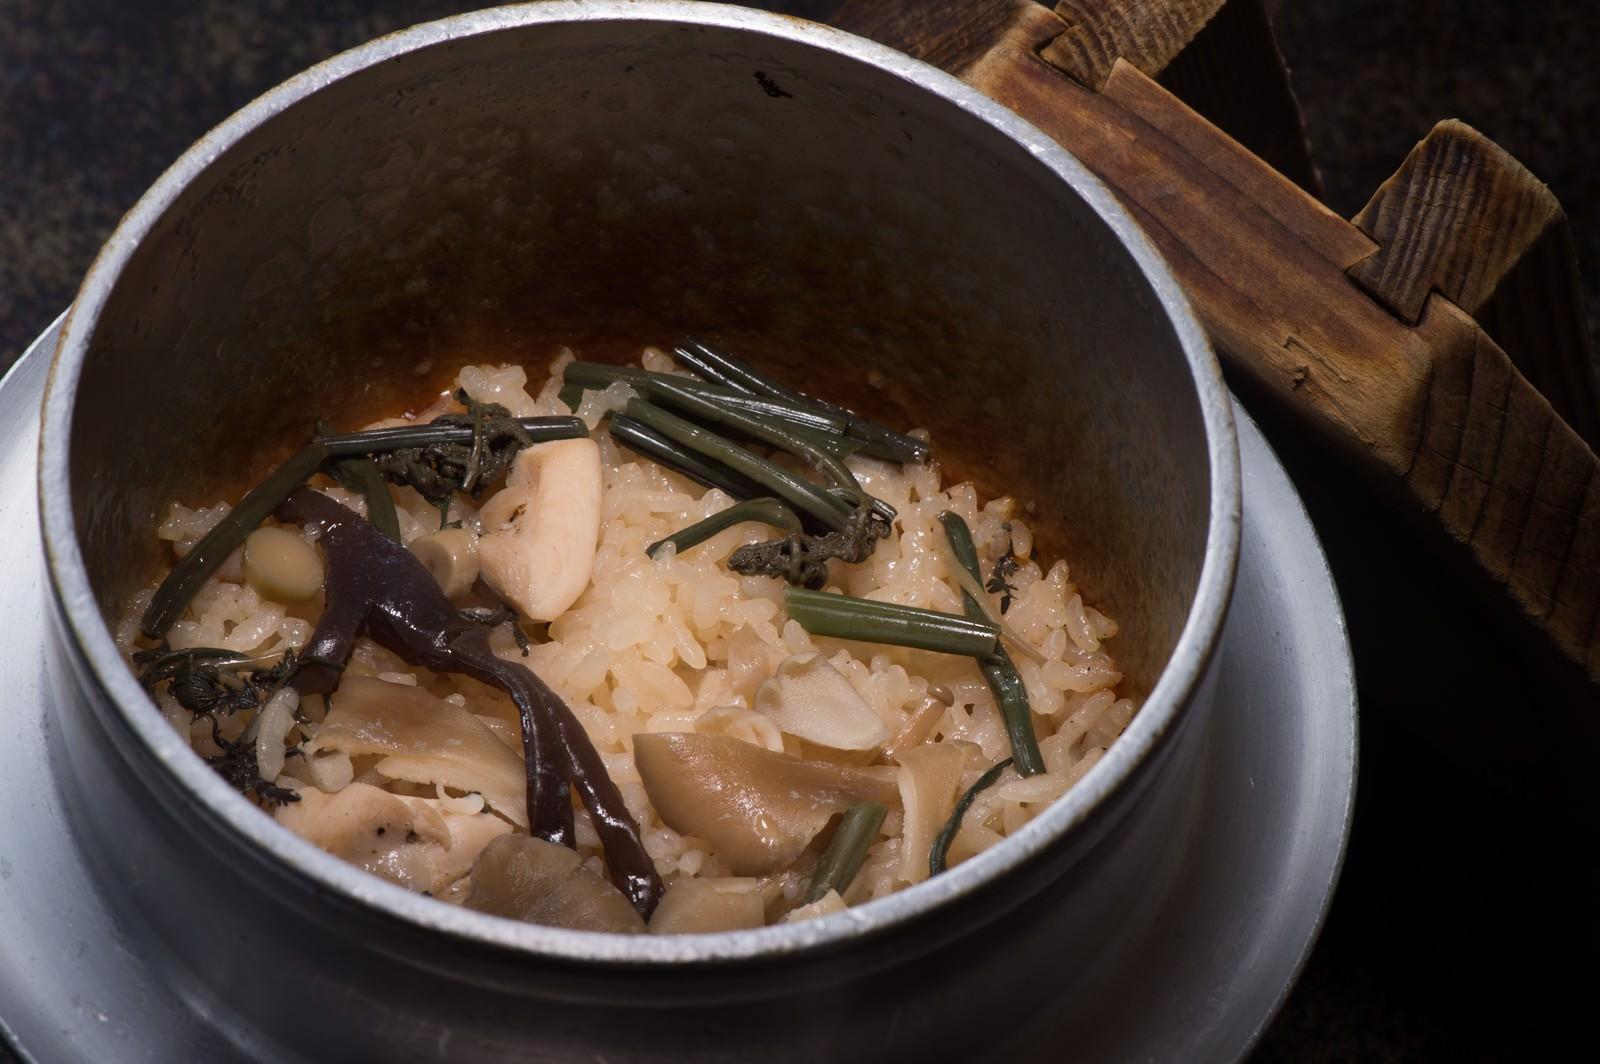 「奥飛騨の料理宿「栄太郎」自慢の山菜釜飯 | 写真の無料素材・フリー素材 - ぱくたそ」の写真